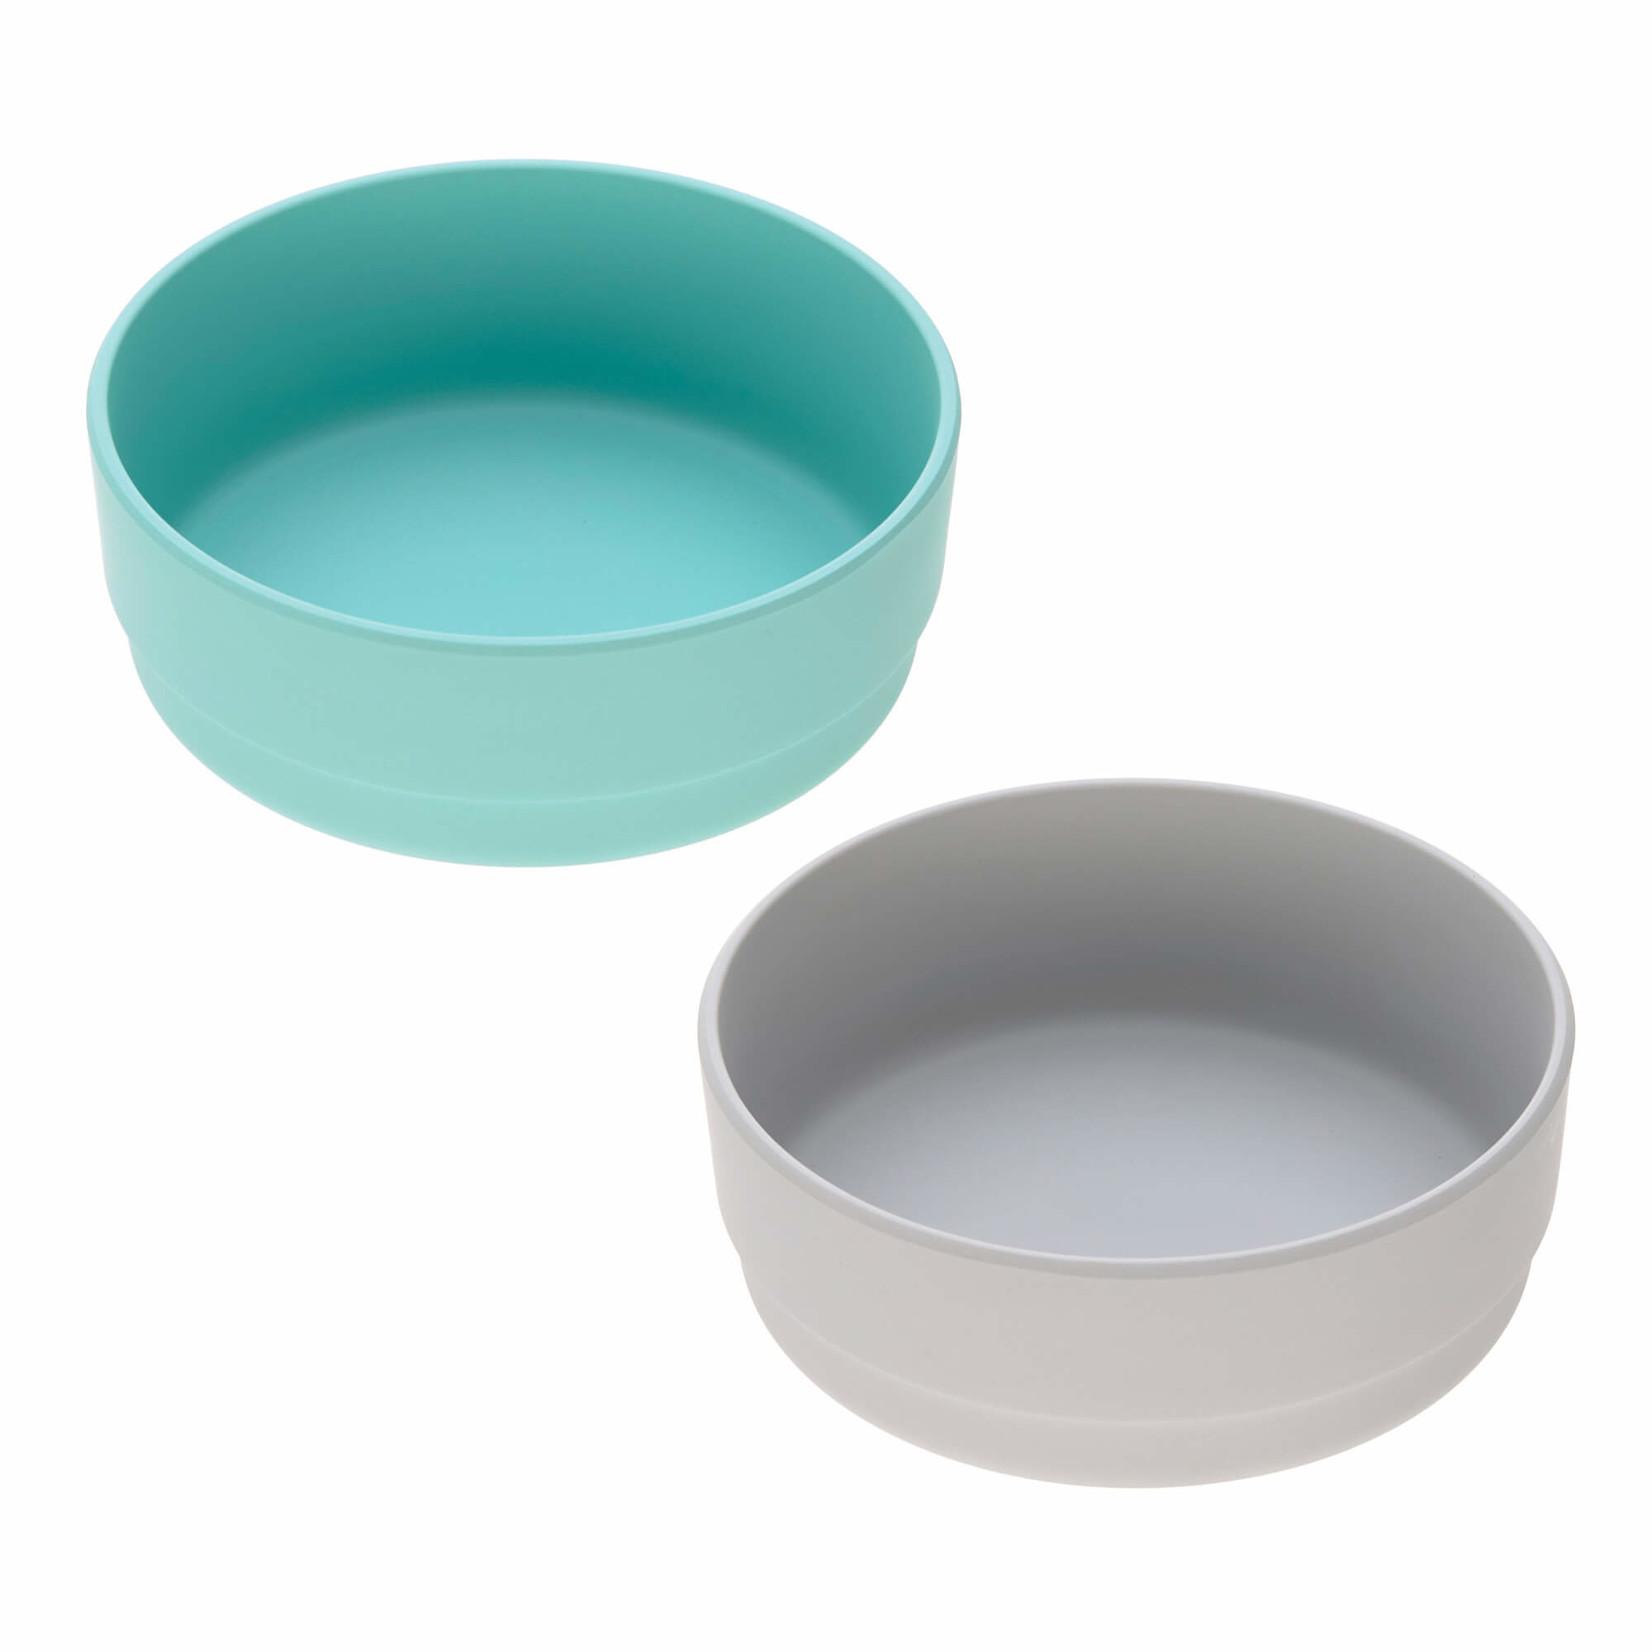 Lässig Fashion 2er Bowl Set | Türkis & Grau